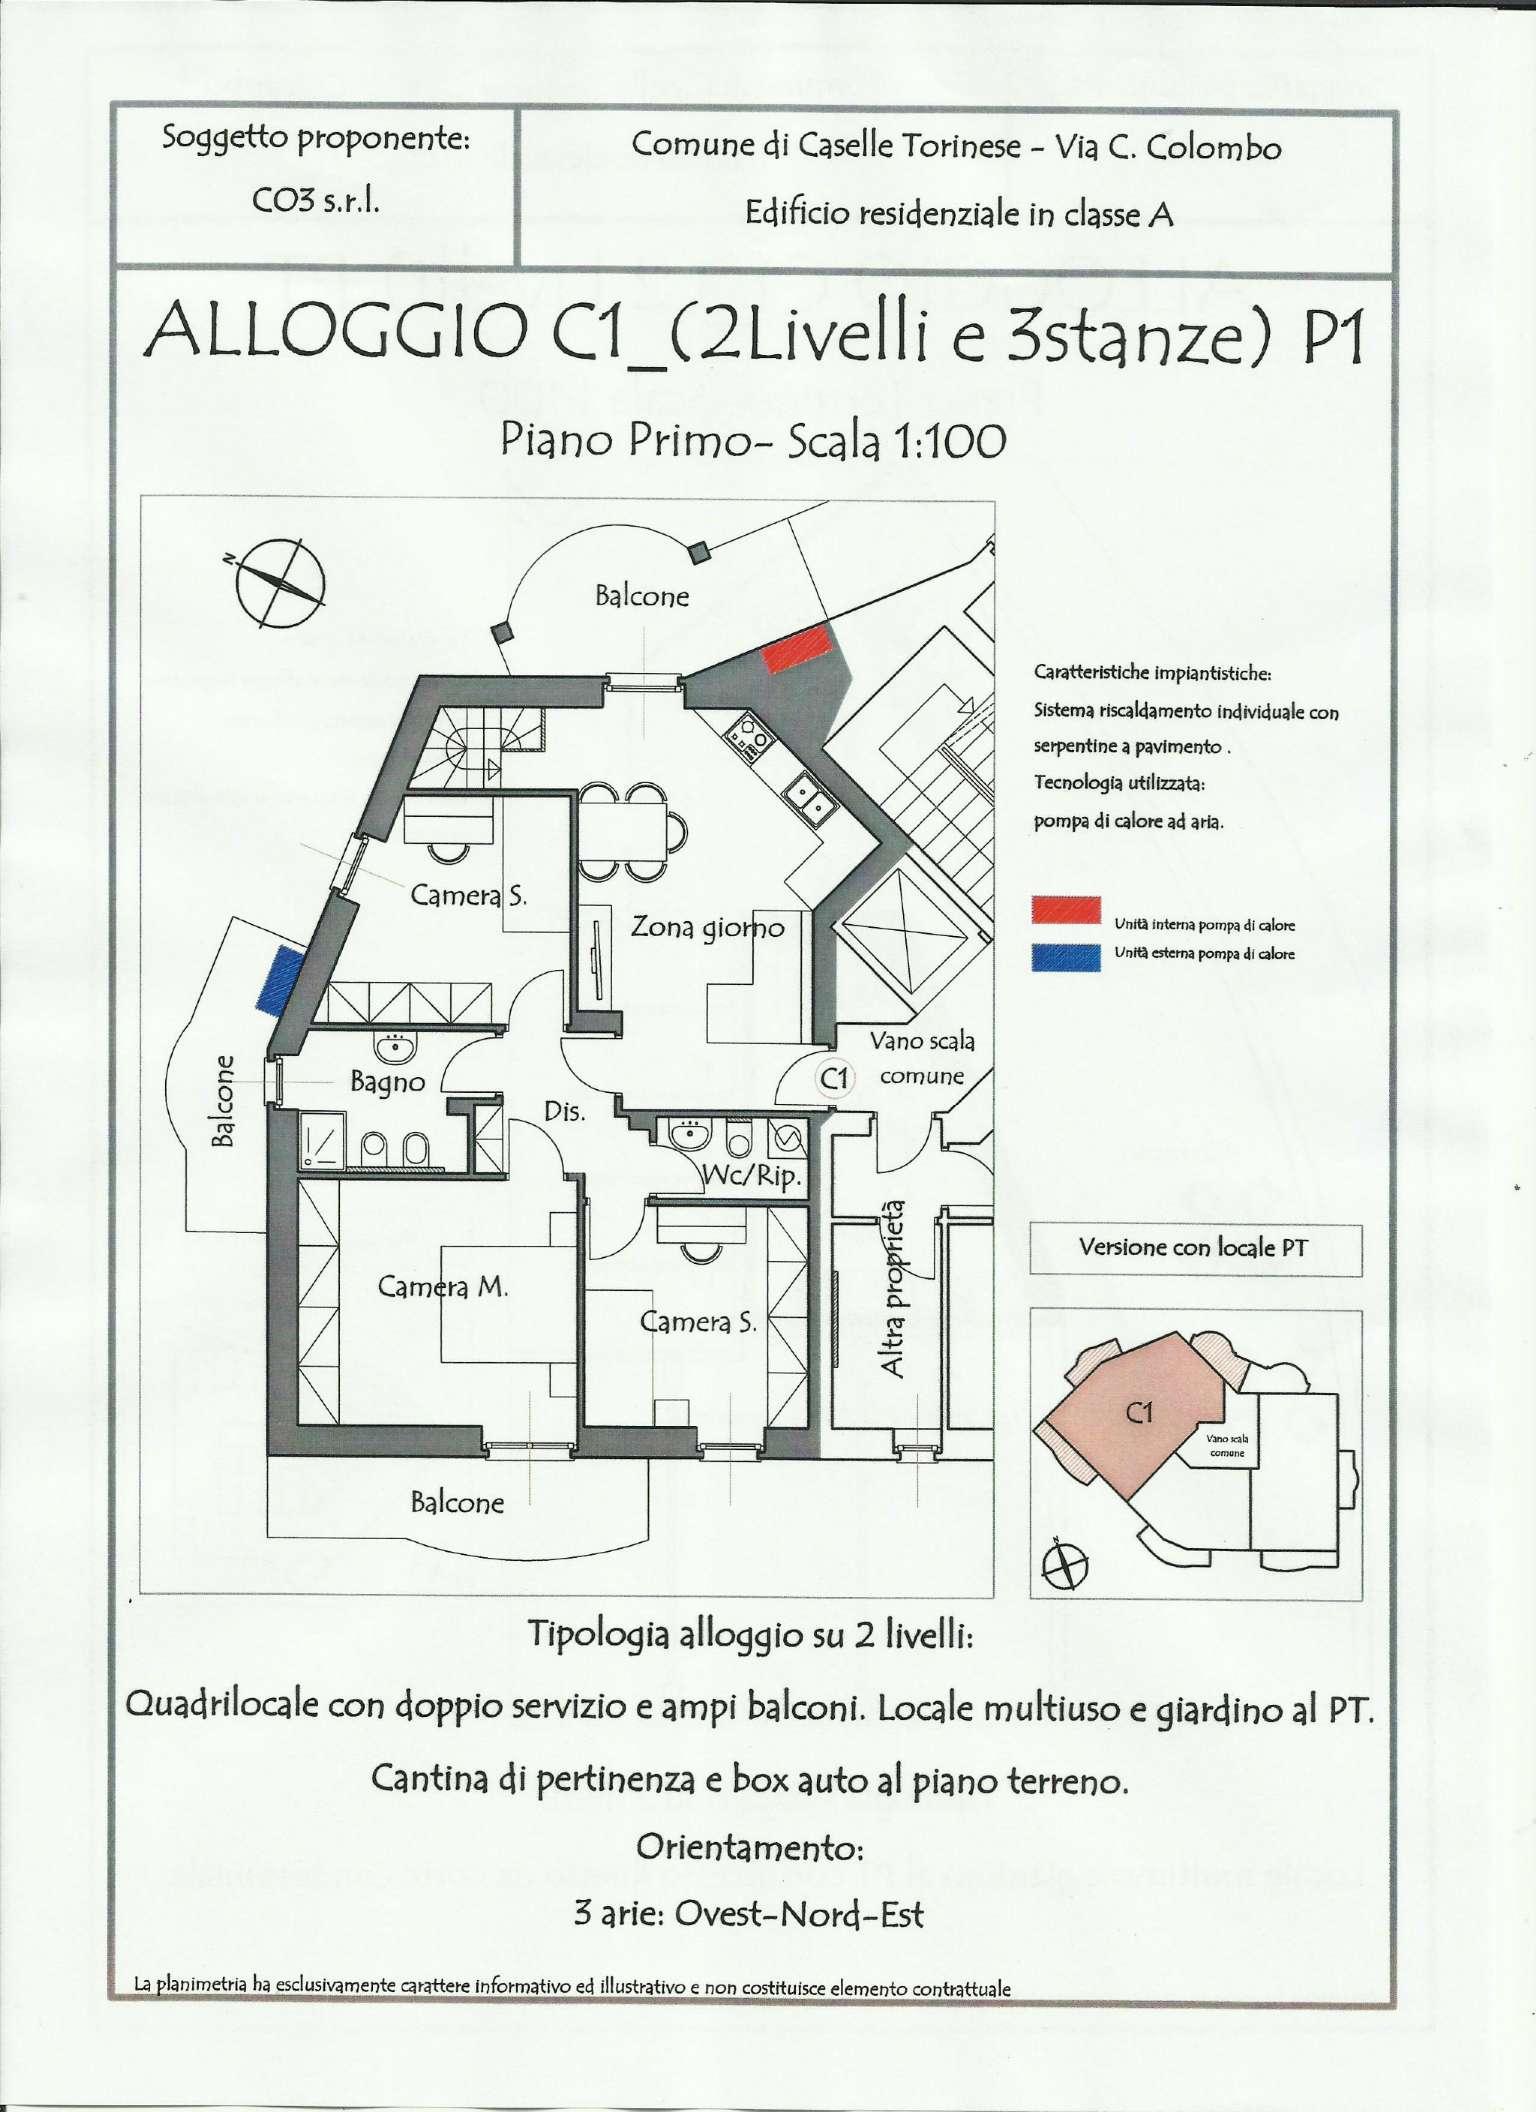 Appartamento in vendita a Caselle Torinese, 5 locali, prezzo € 230.000 | Cambio Casa.it